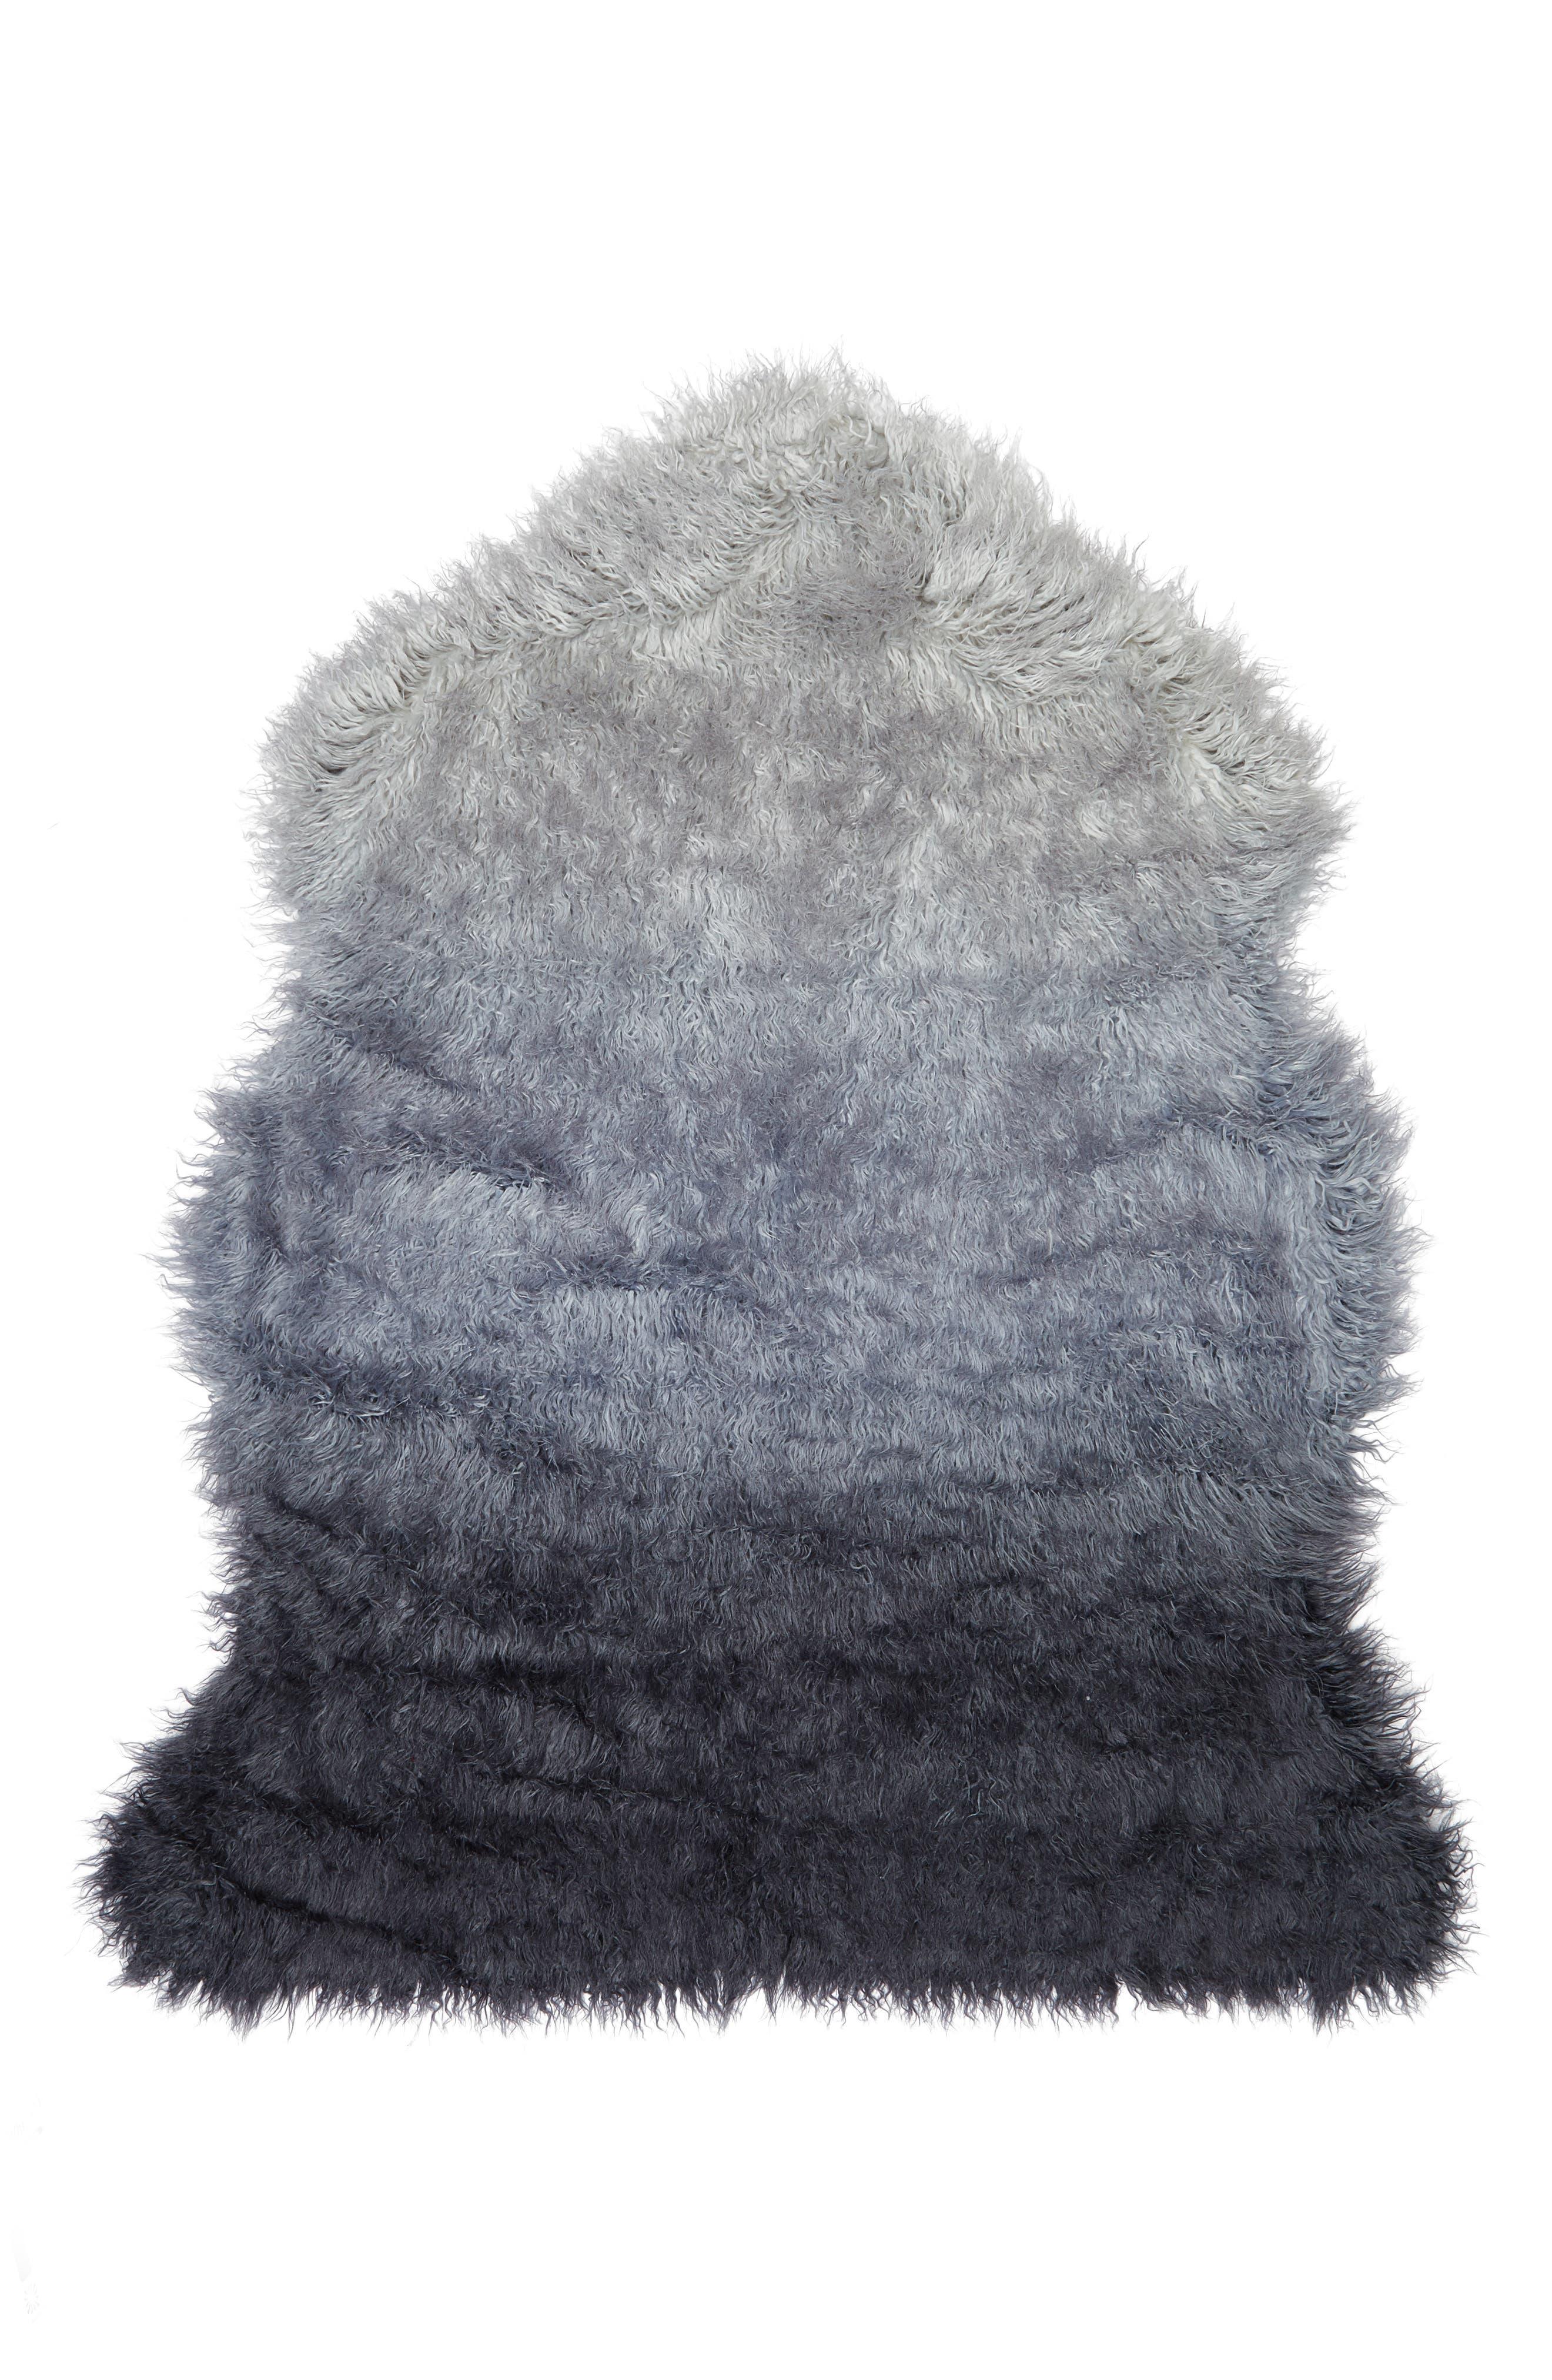 Nordstrom at Home Ombré Faux Fur Rug